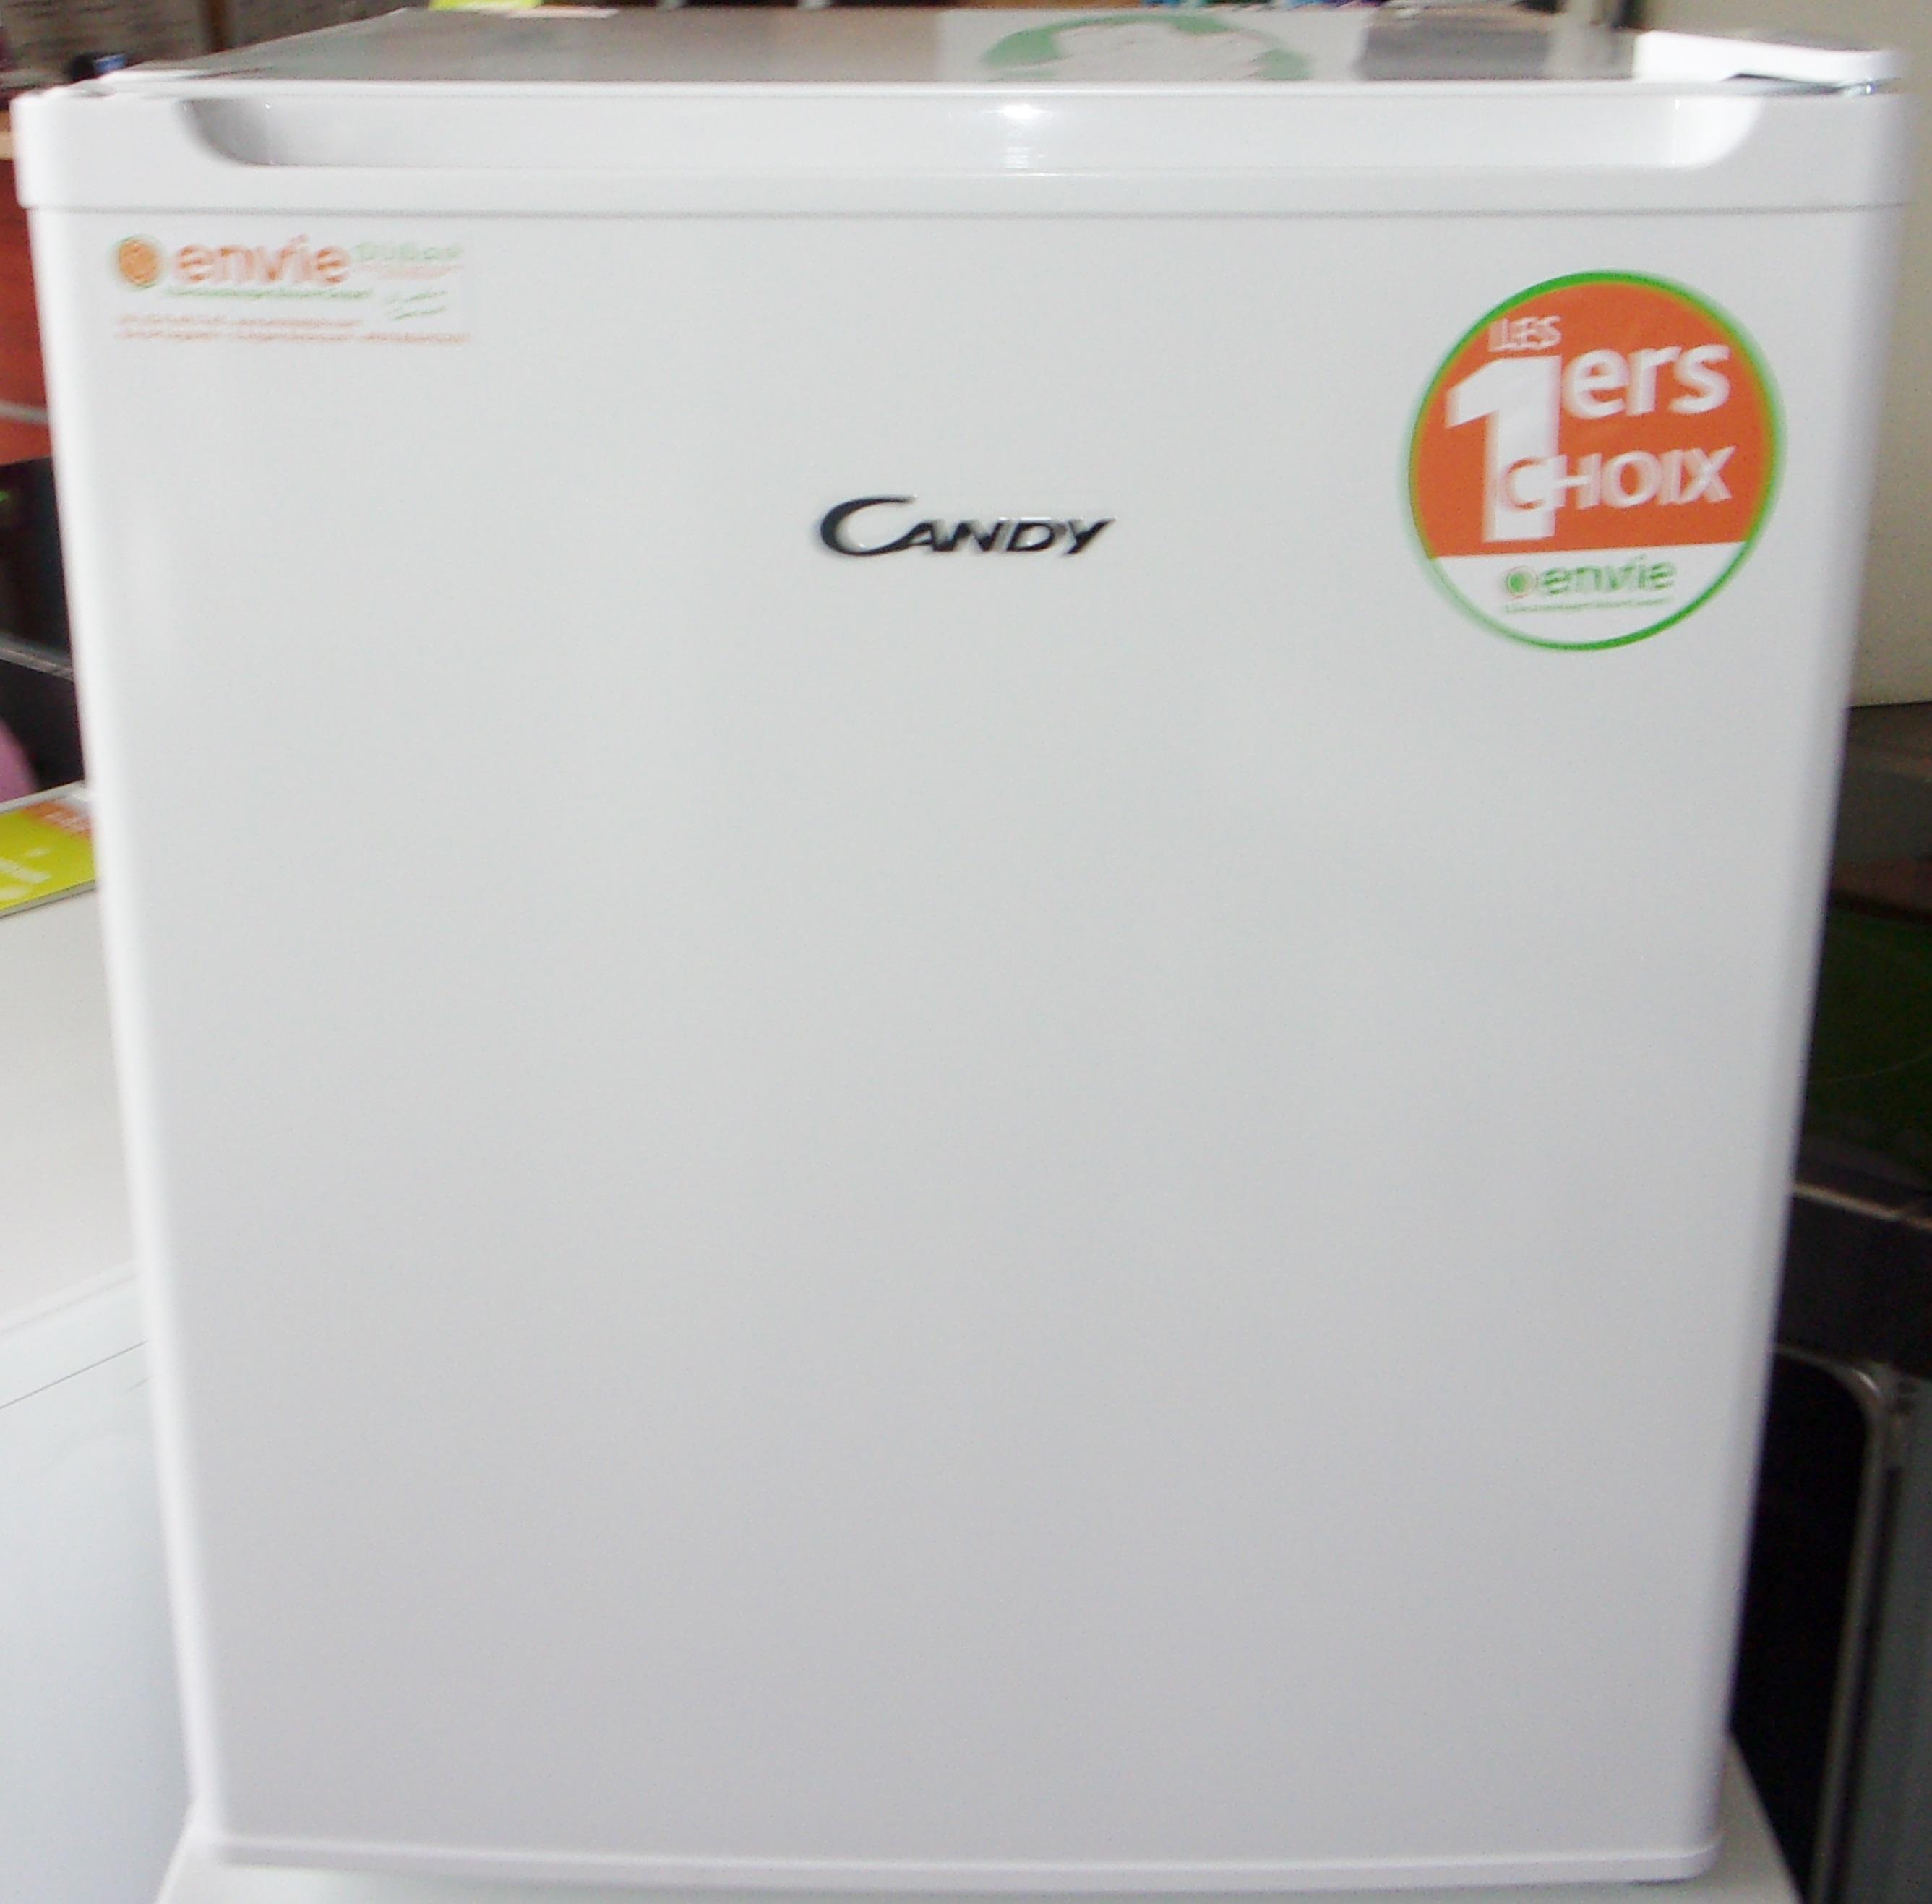 Congelateurs armoire candy envie anjou - Congelateur armoire candy ...